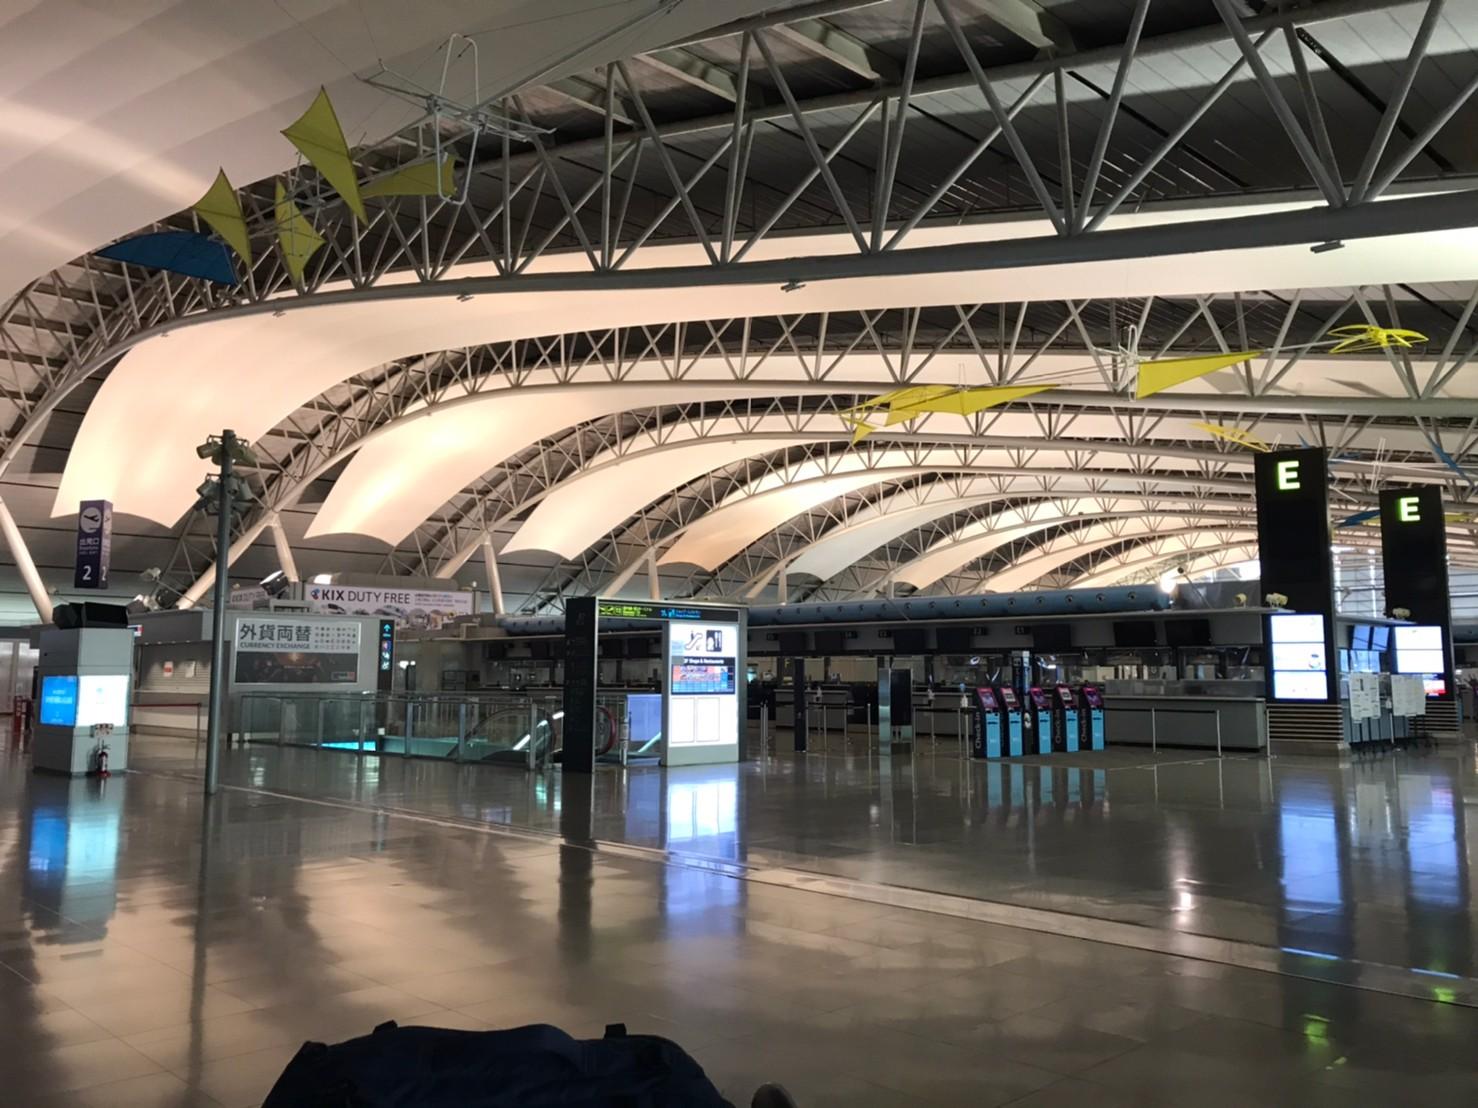 出発時の関西国際空港 驚愕の光景ですが、出発に際し、覚悟をいただいた気がします